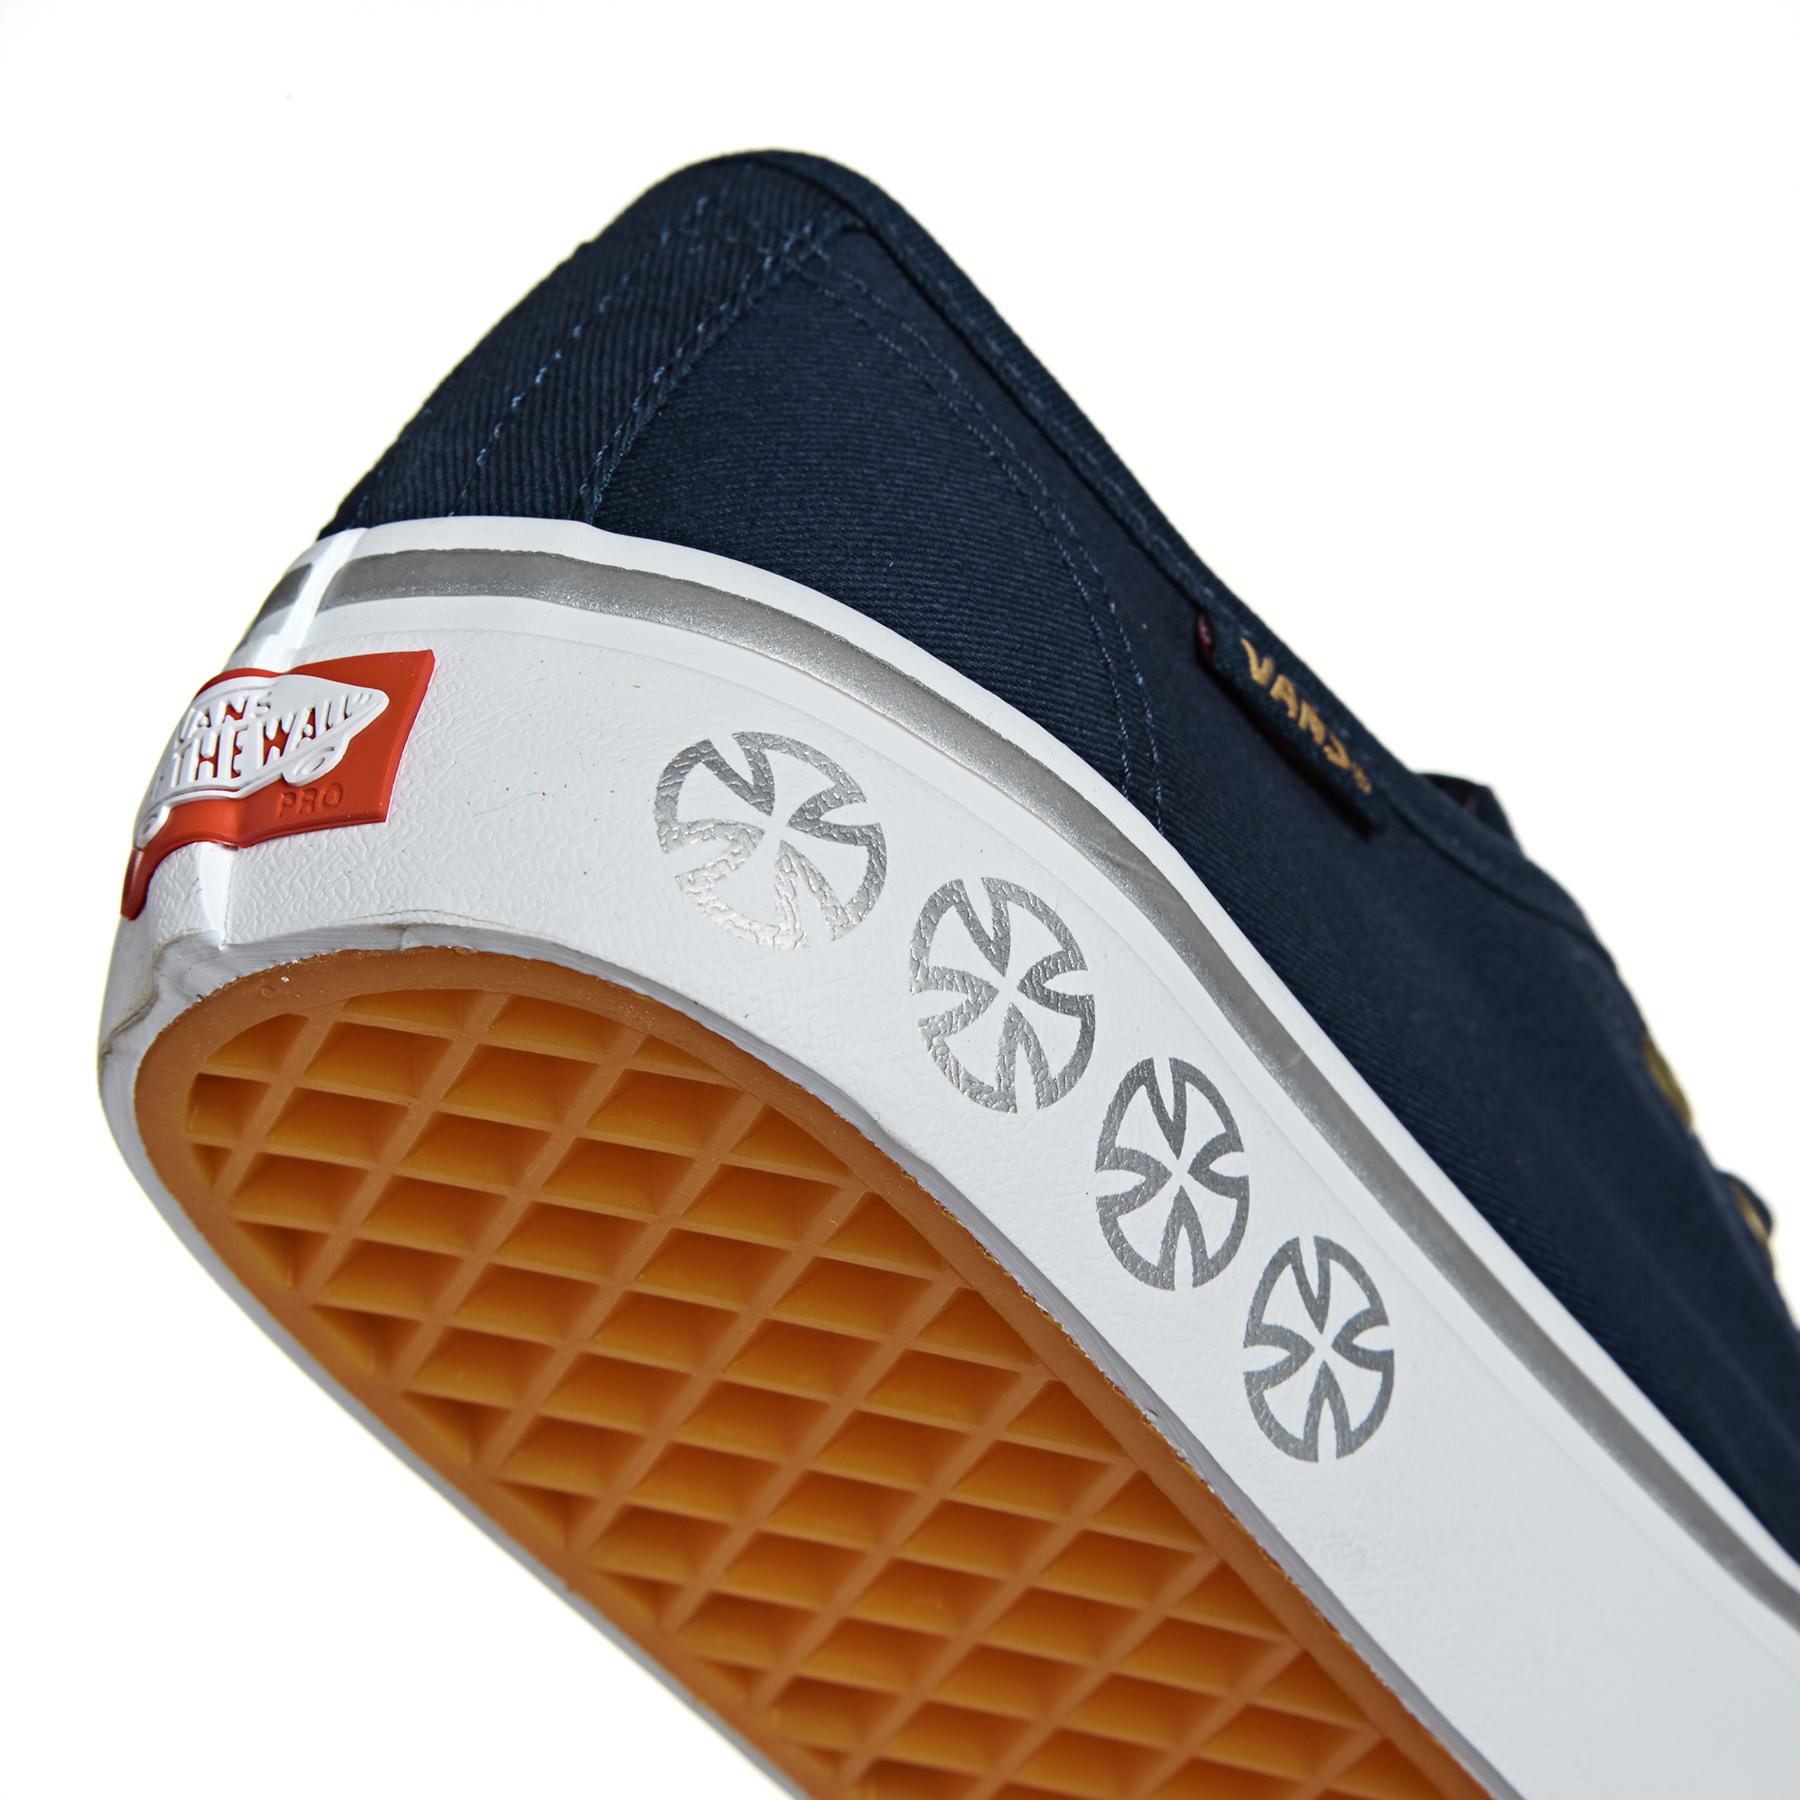 Vans AV Classic Pro Schuhe   Kostenlose Lieferung   Surfdome